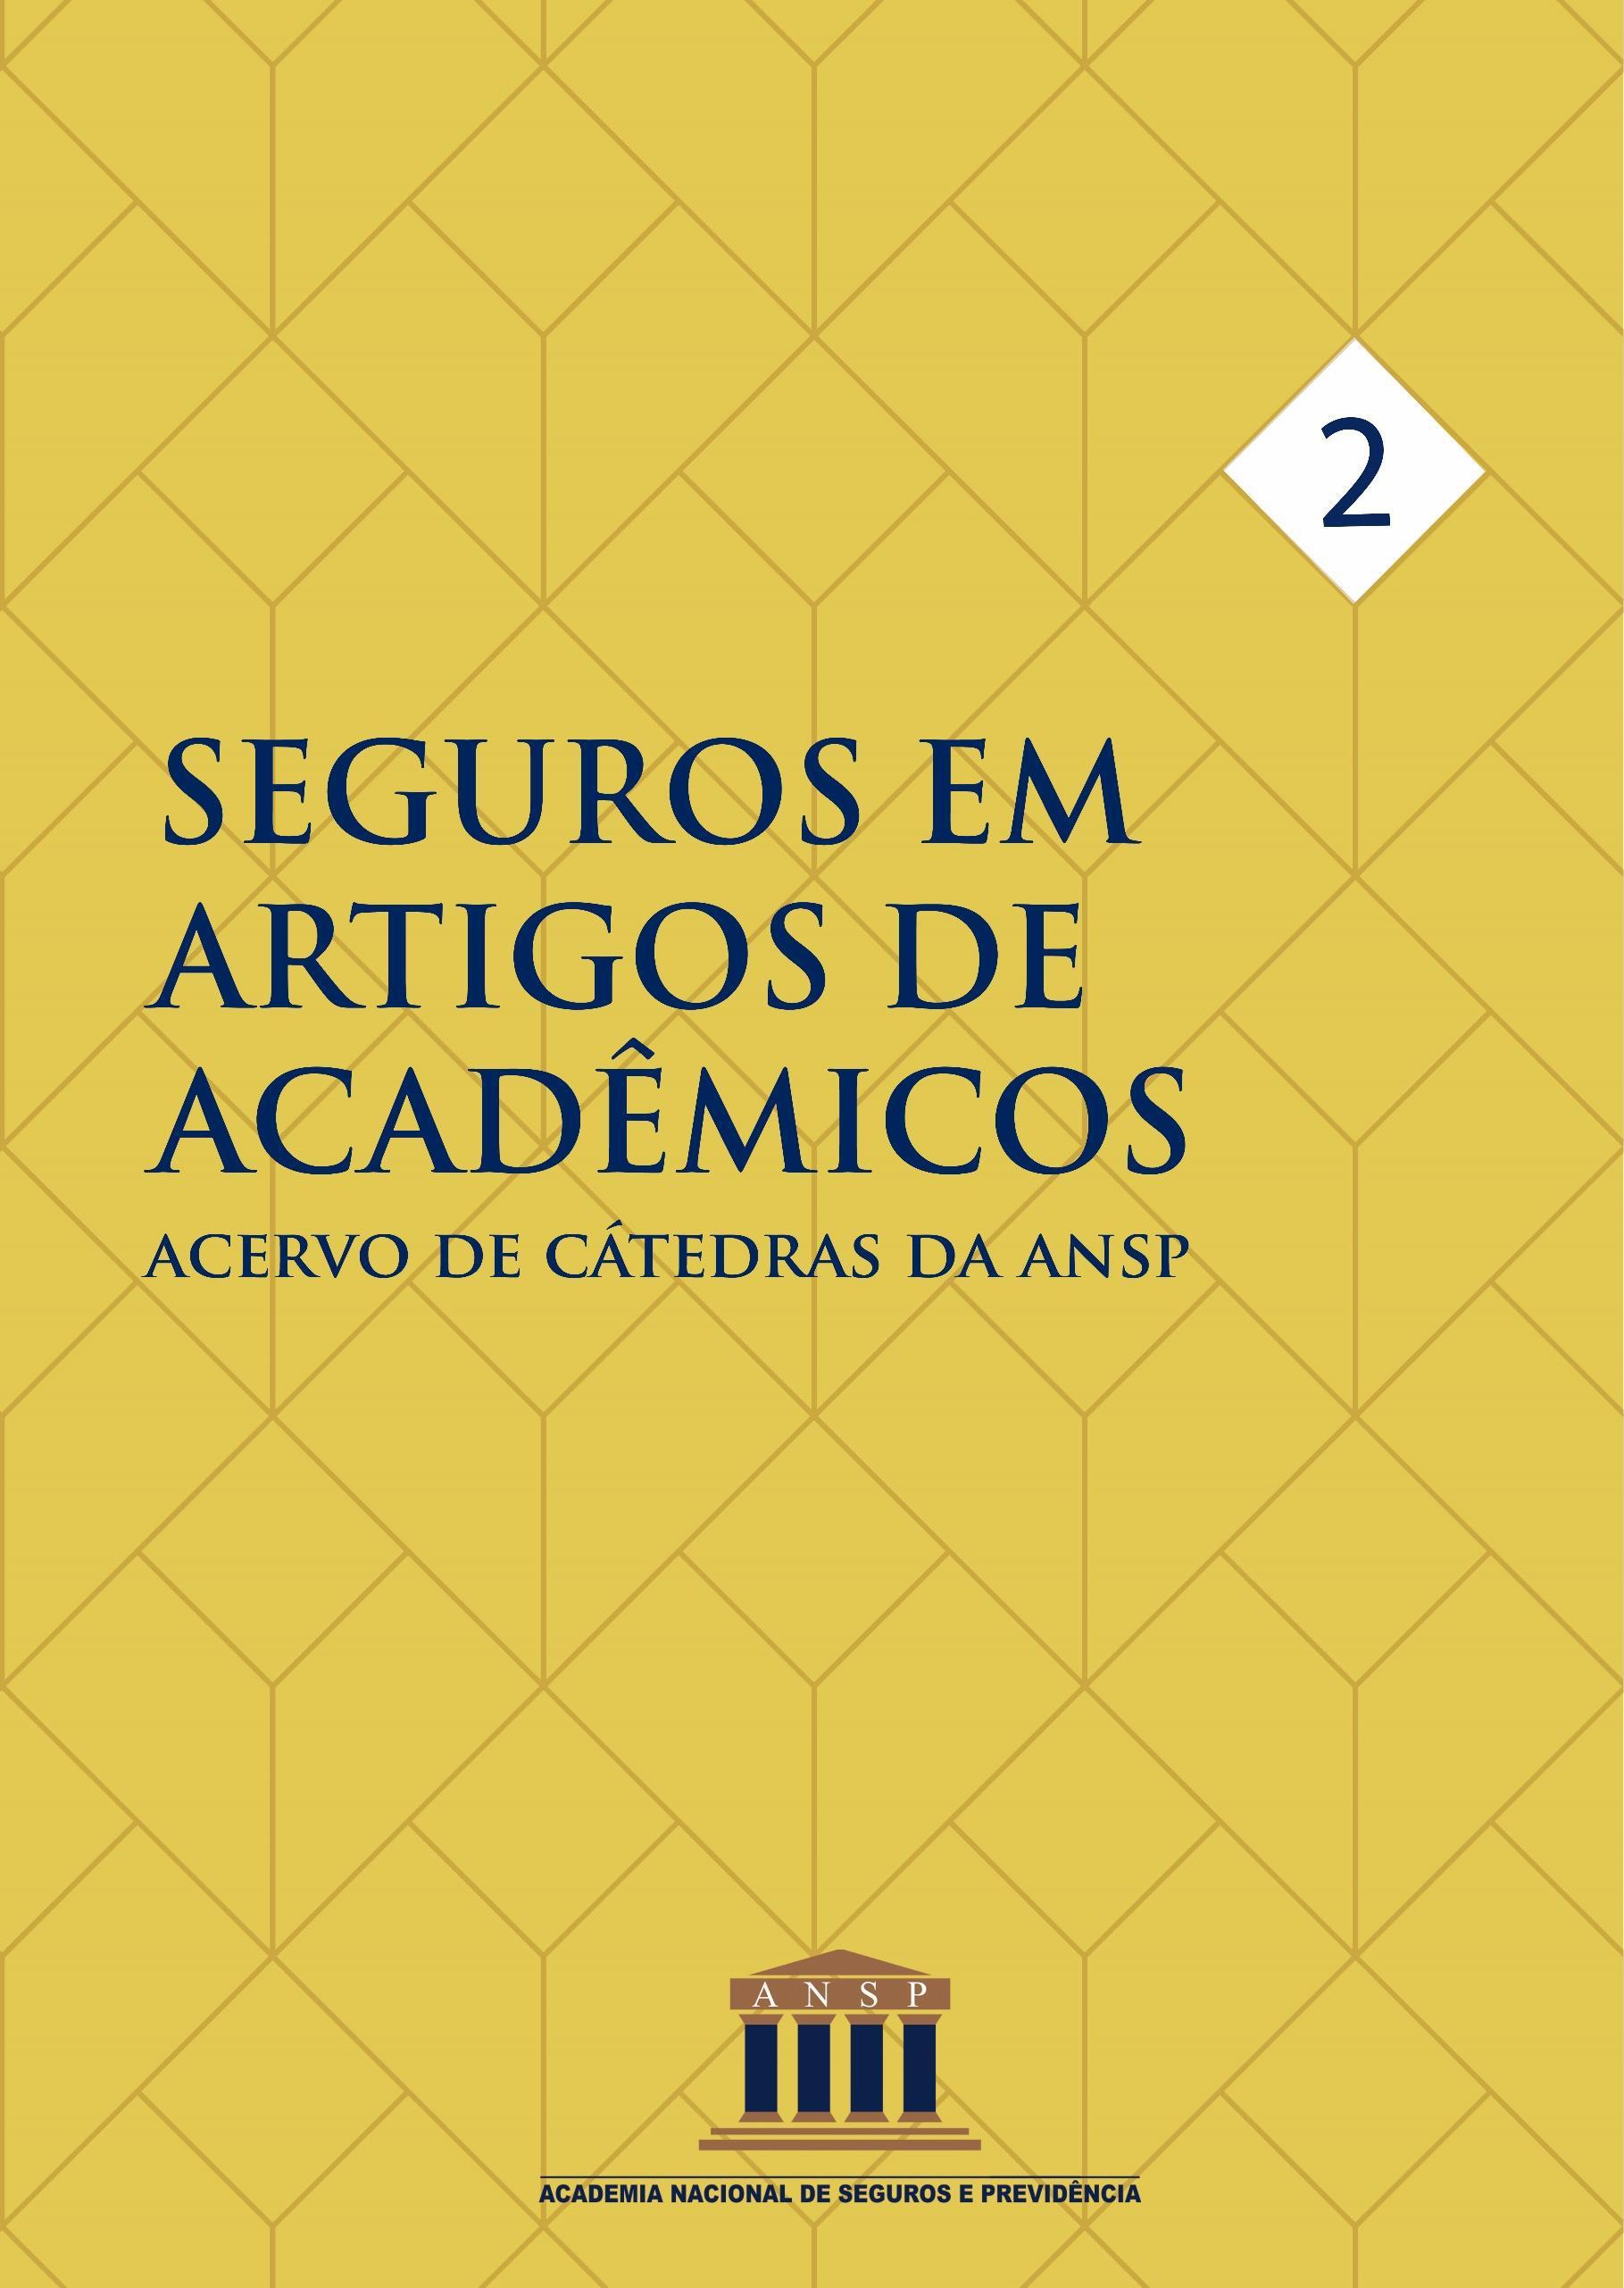 Seguros em Artigos de Acadêmicos – 2ª edição